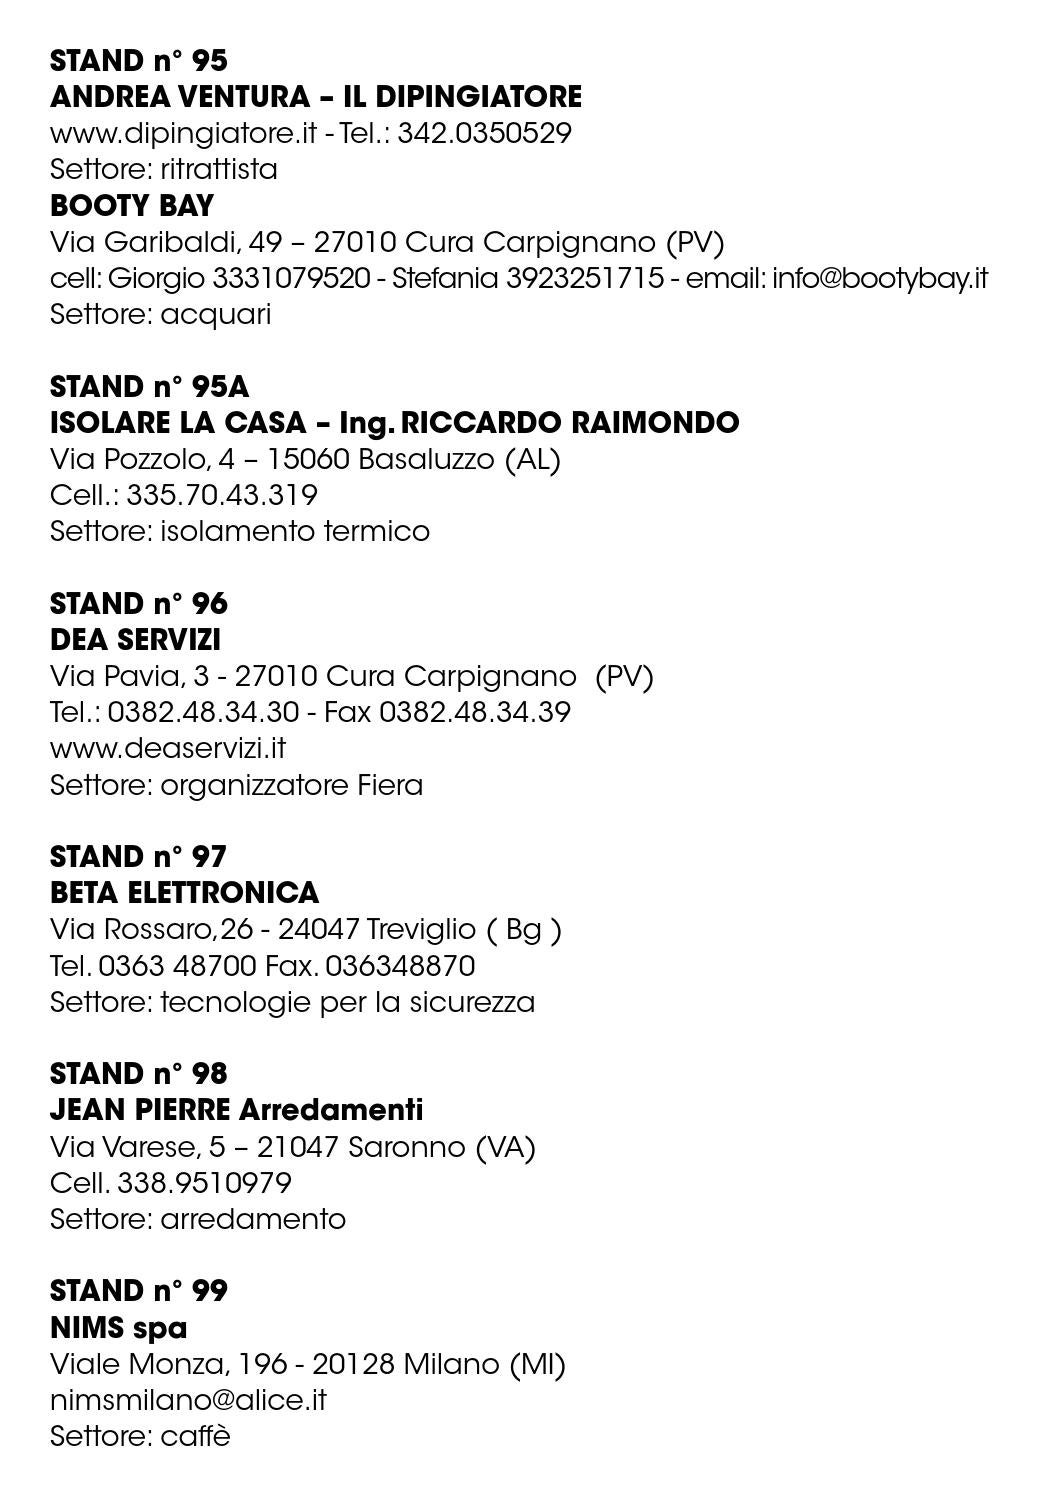 Isolare La Casa Basaluzzo home - catalogo espositori 2016 by dea servizi - issuu